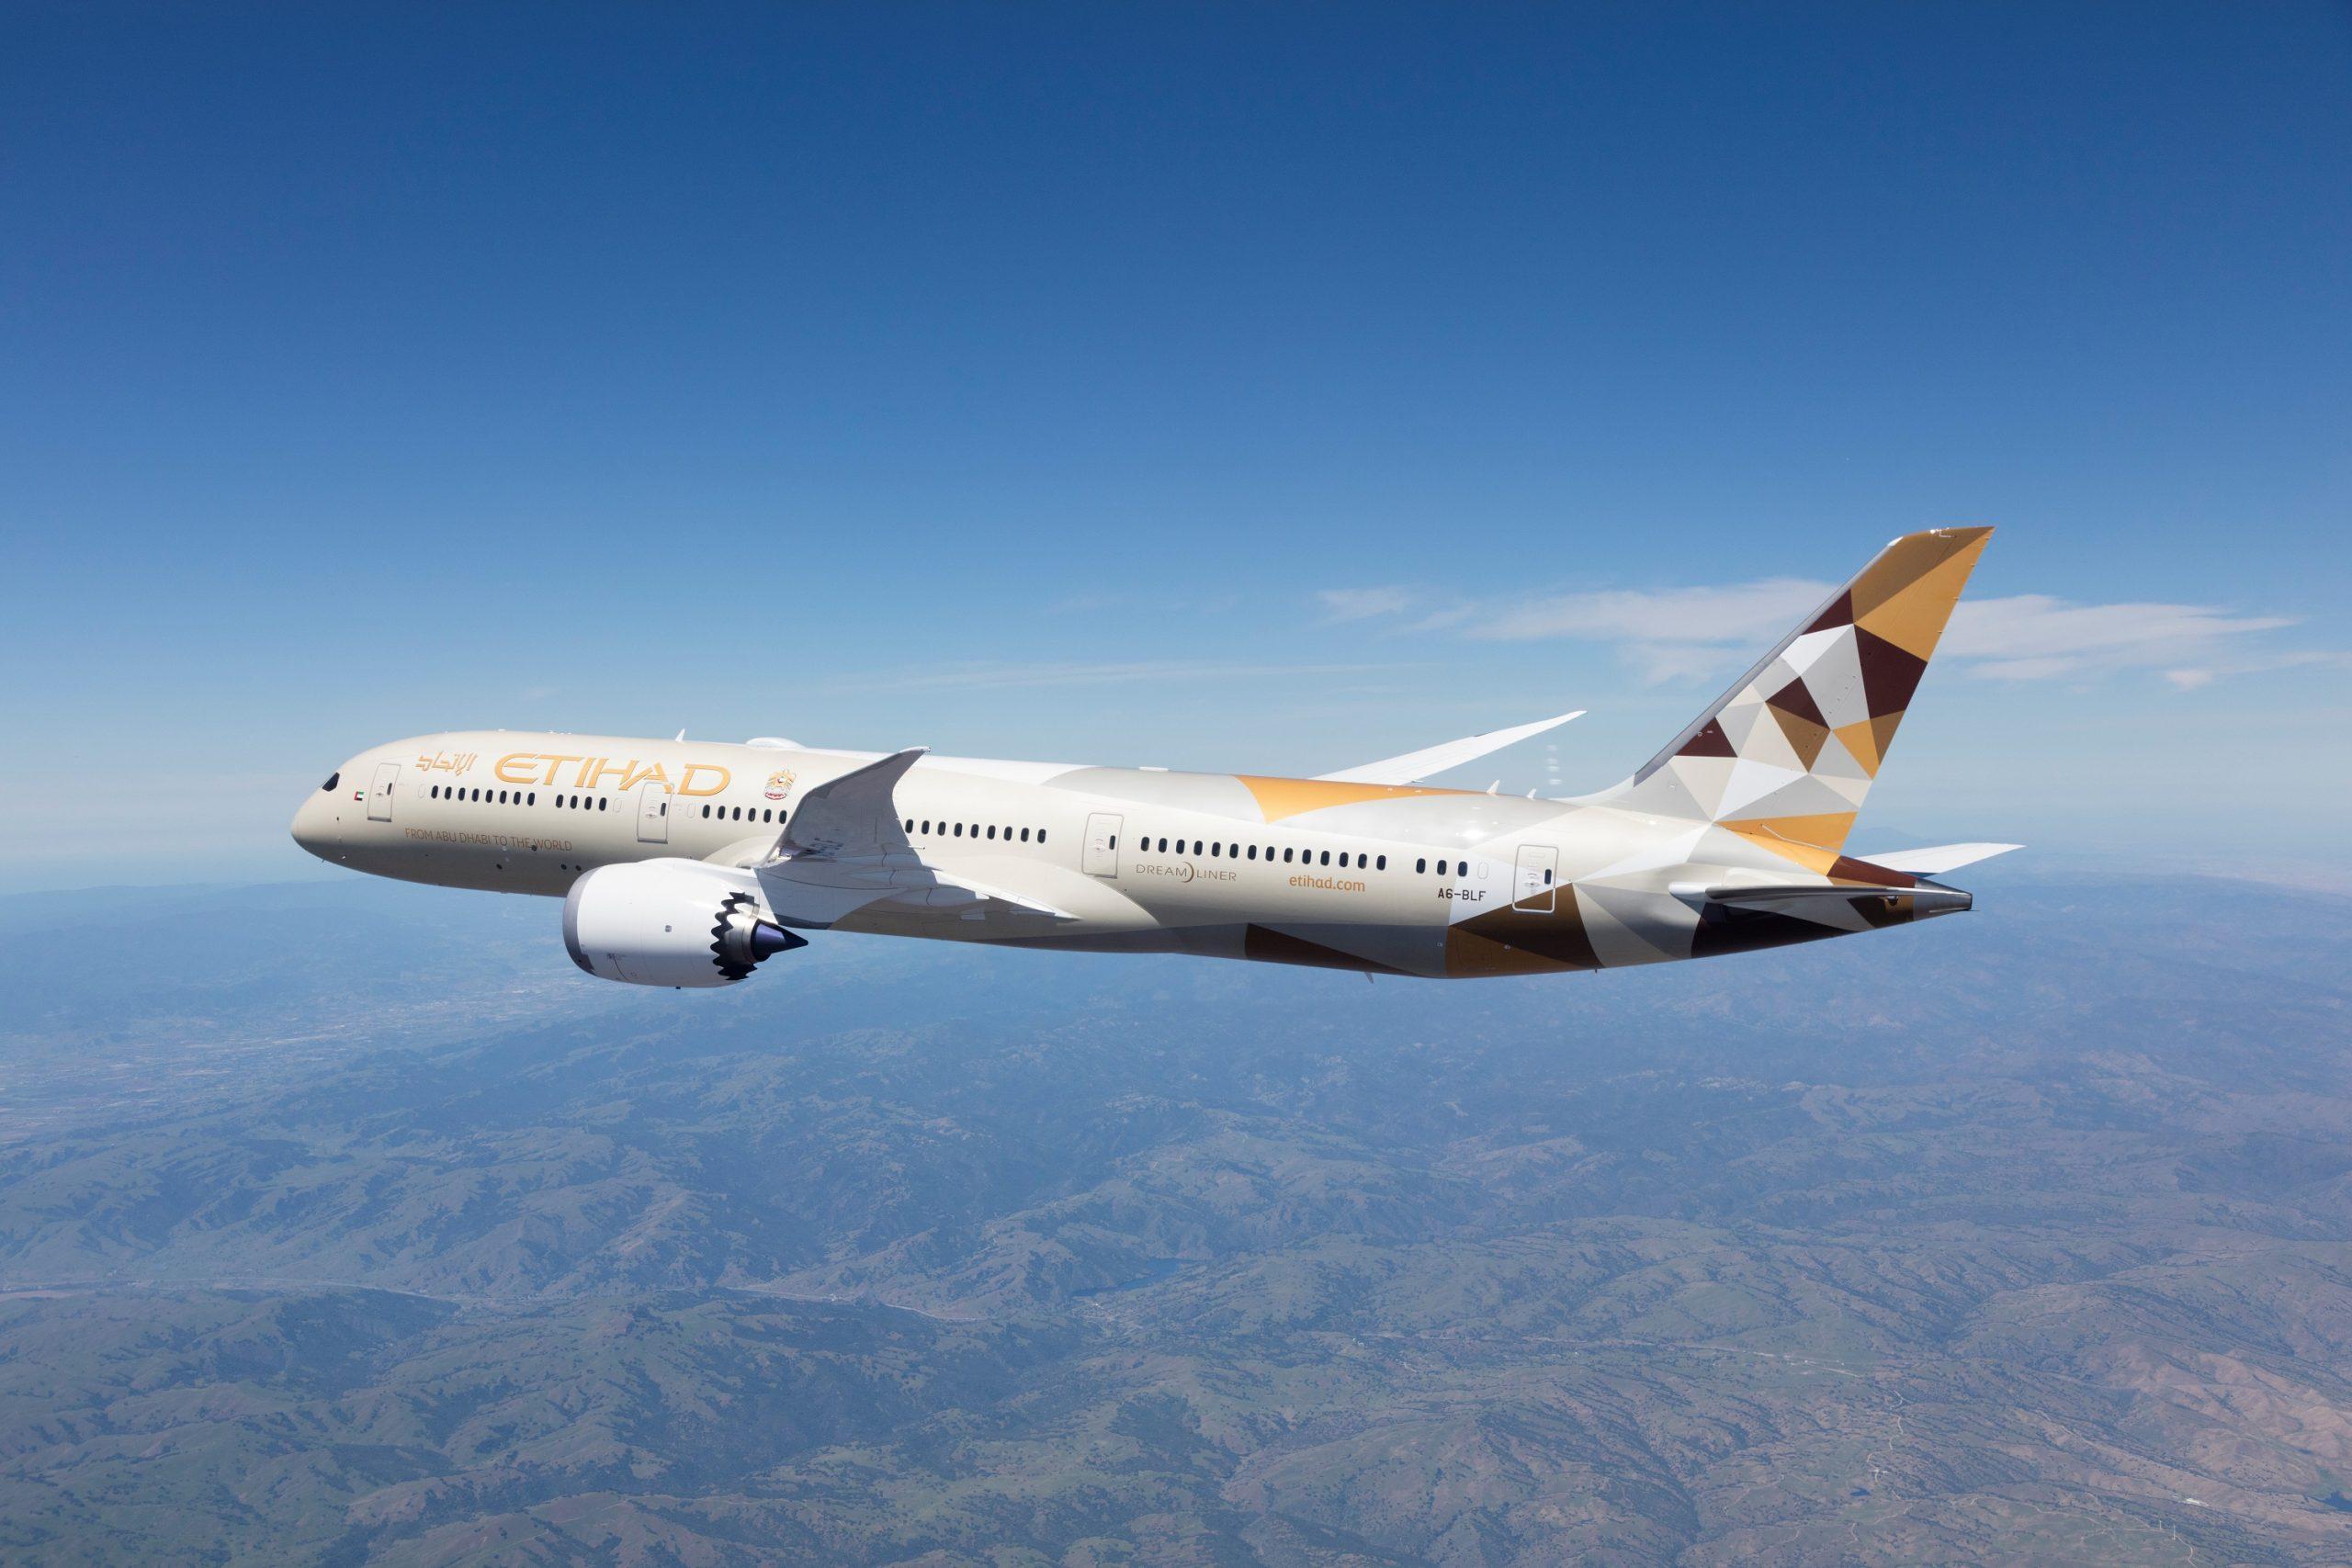 الاتحاد للطيران توّفر رحلات ربط خاصة بين مدن أساسية على شبكة وجهاتها العالمية